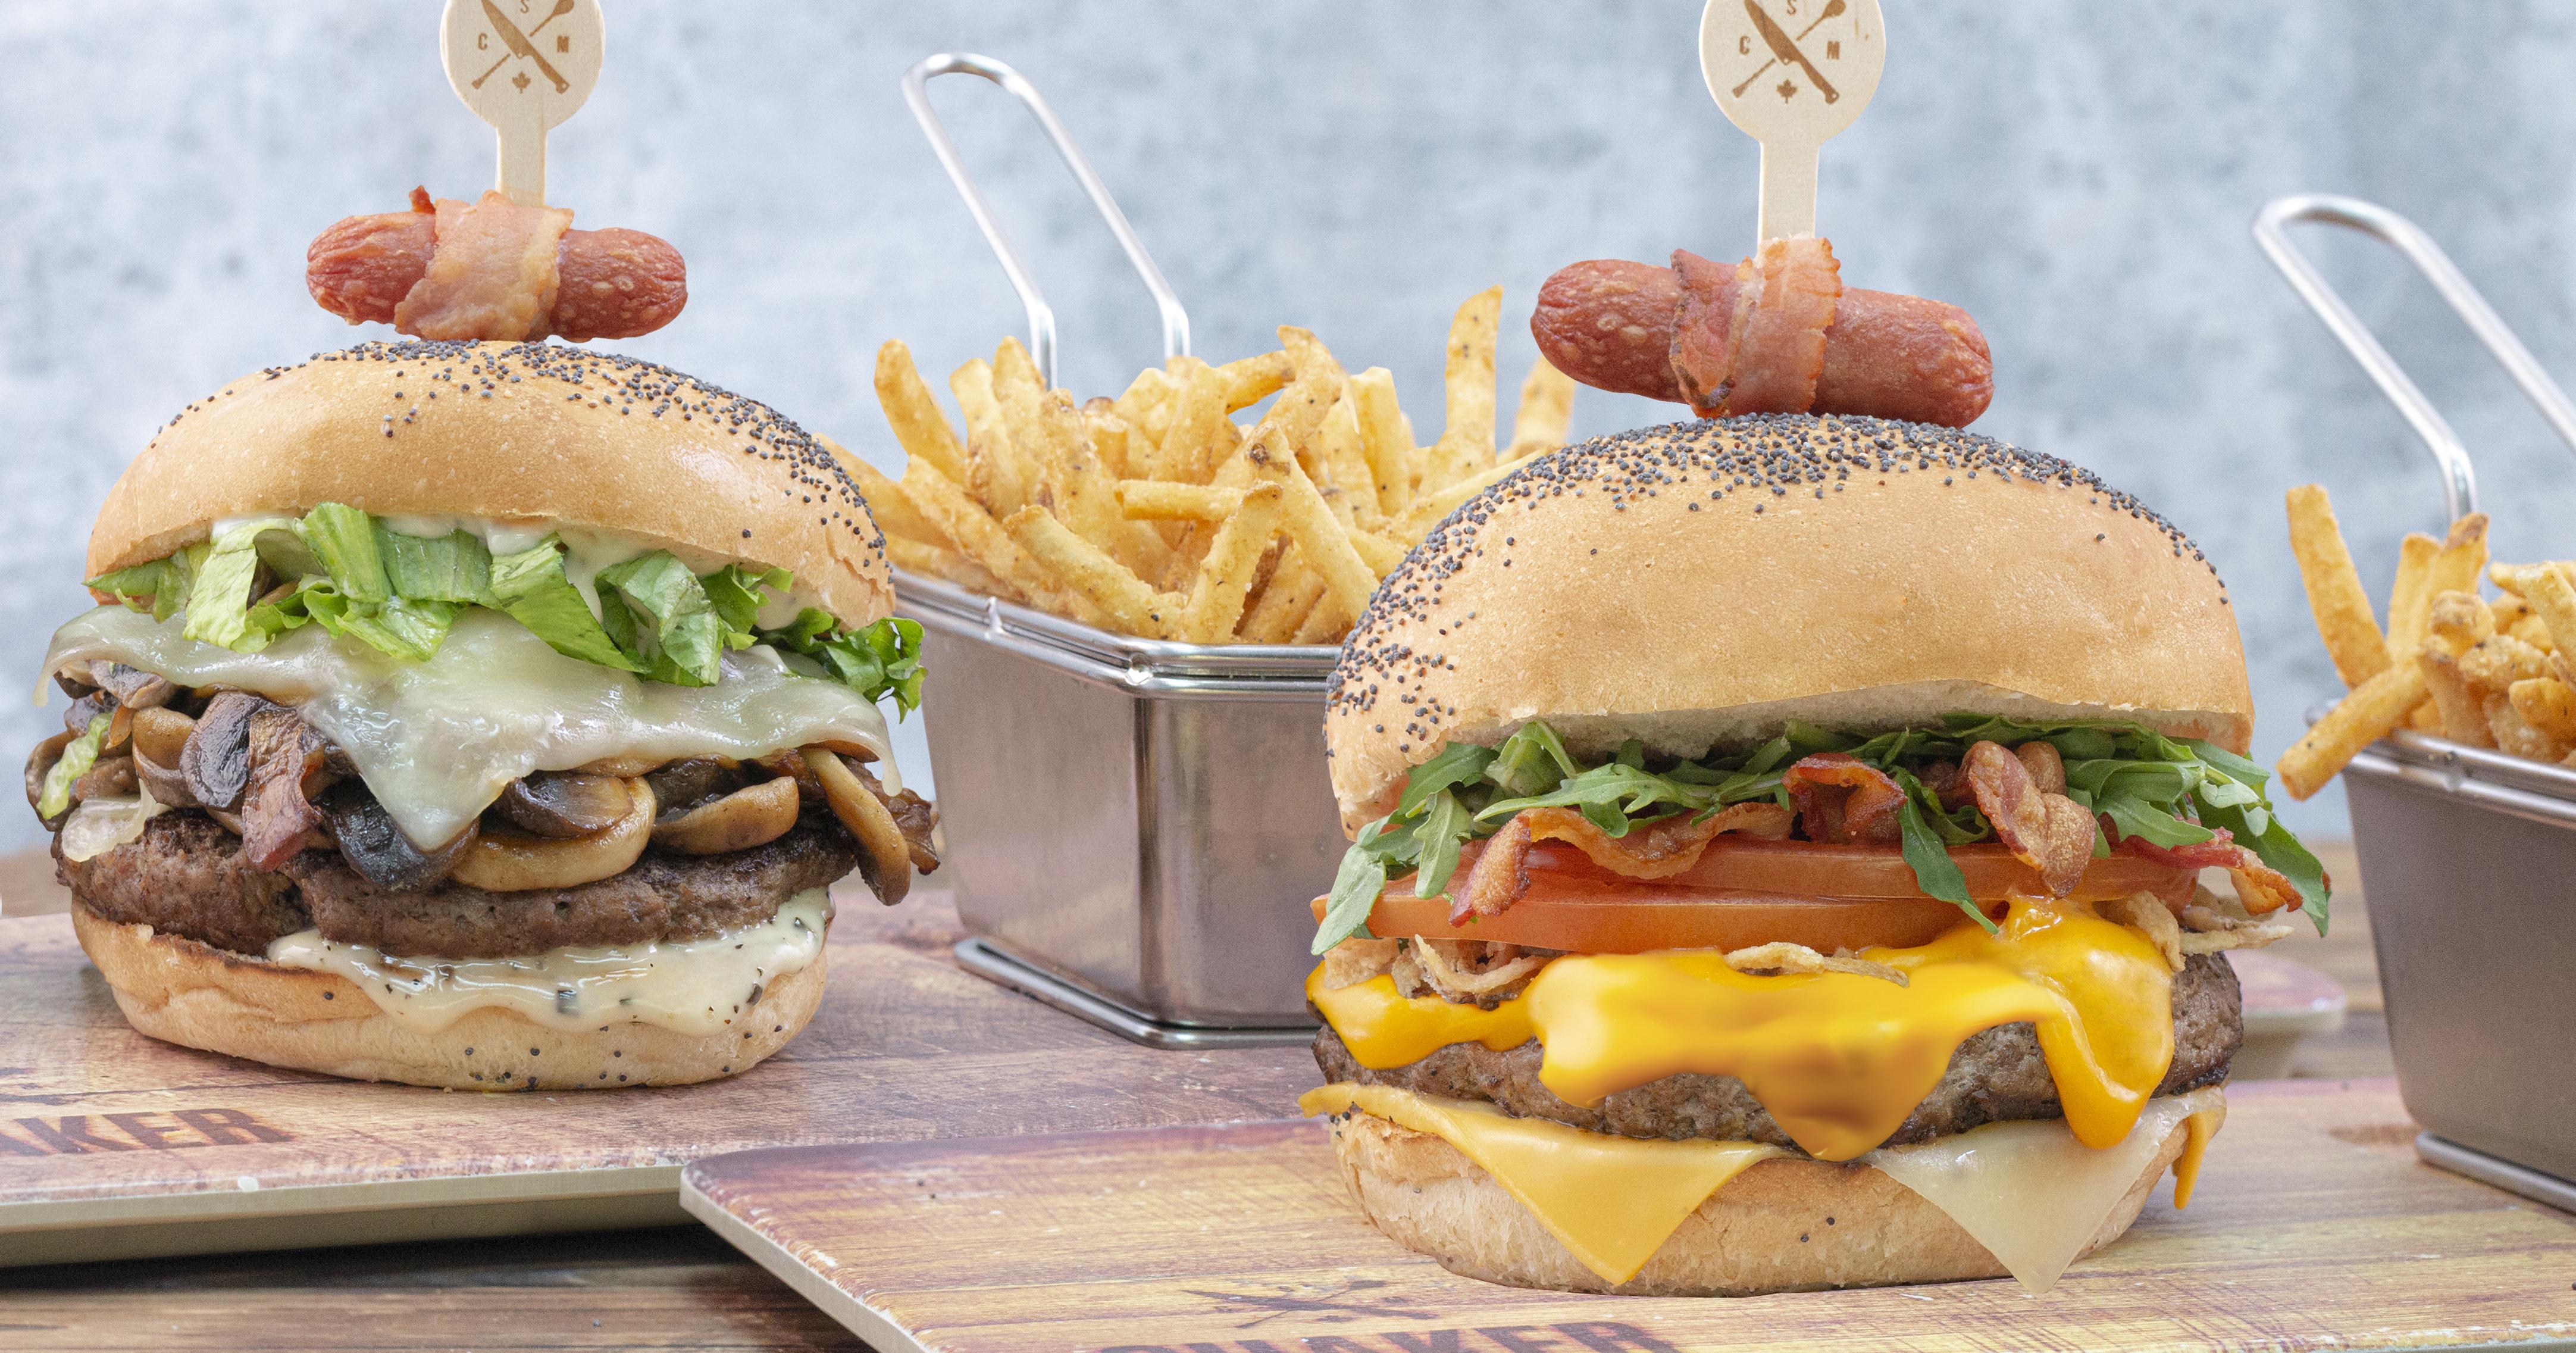 https://www.shakercuisineetmixologie.com/files/2020/03/Blogue-Burgers.jpg